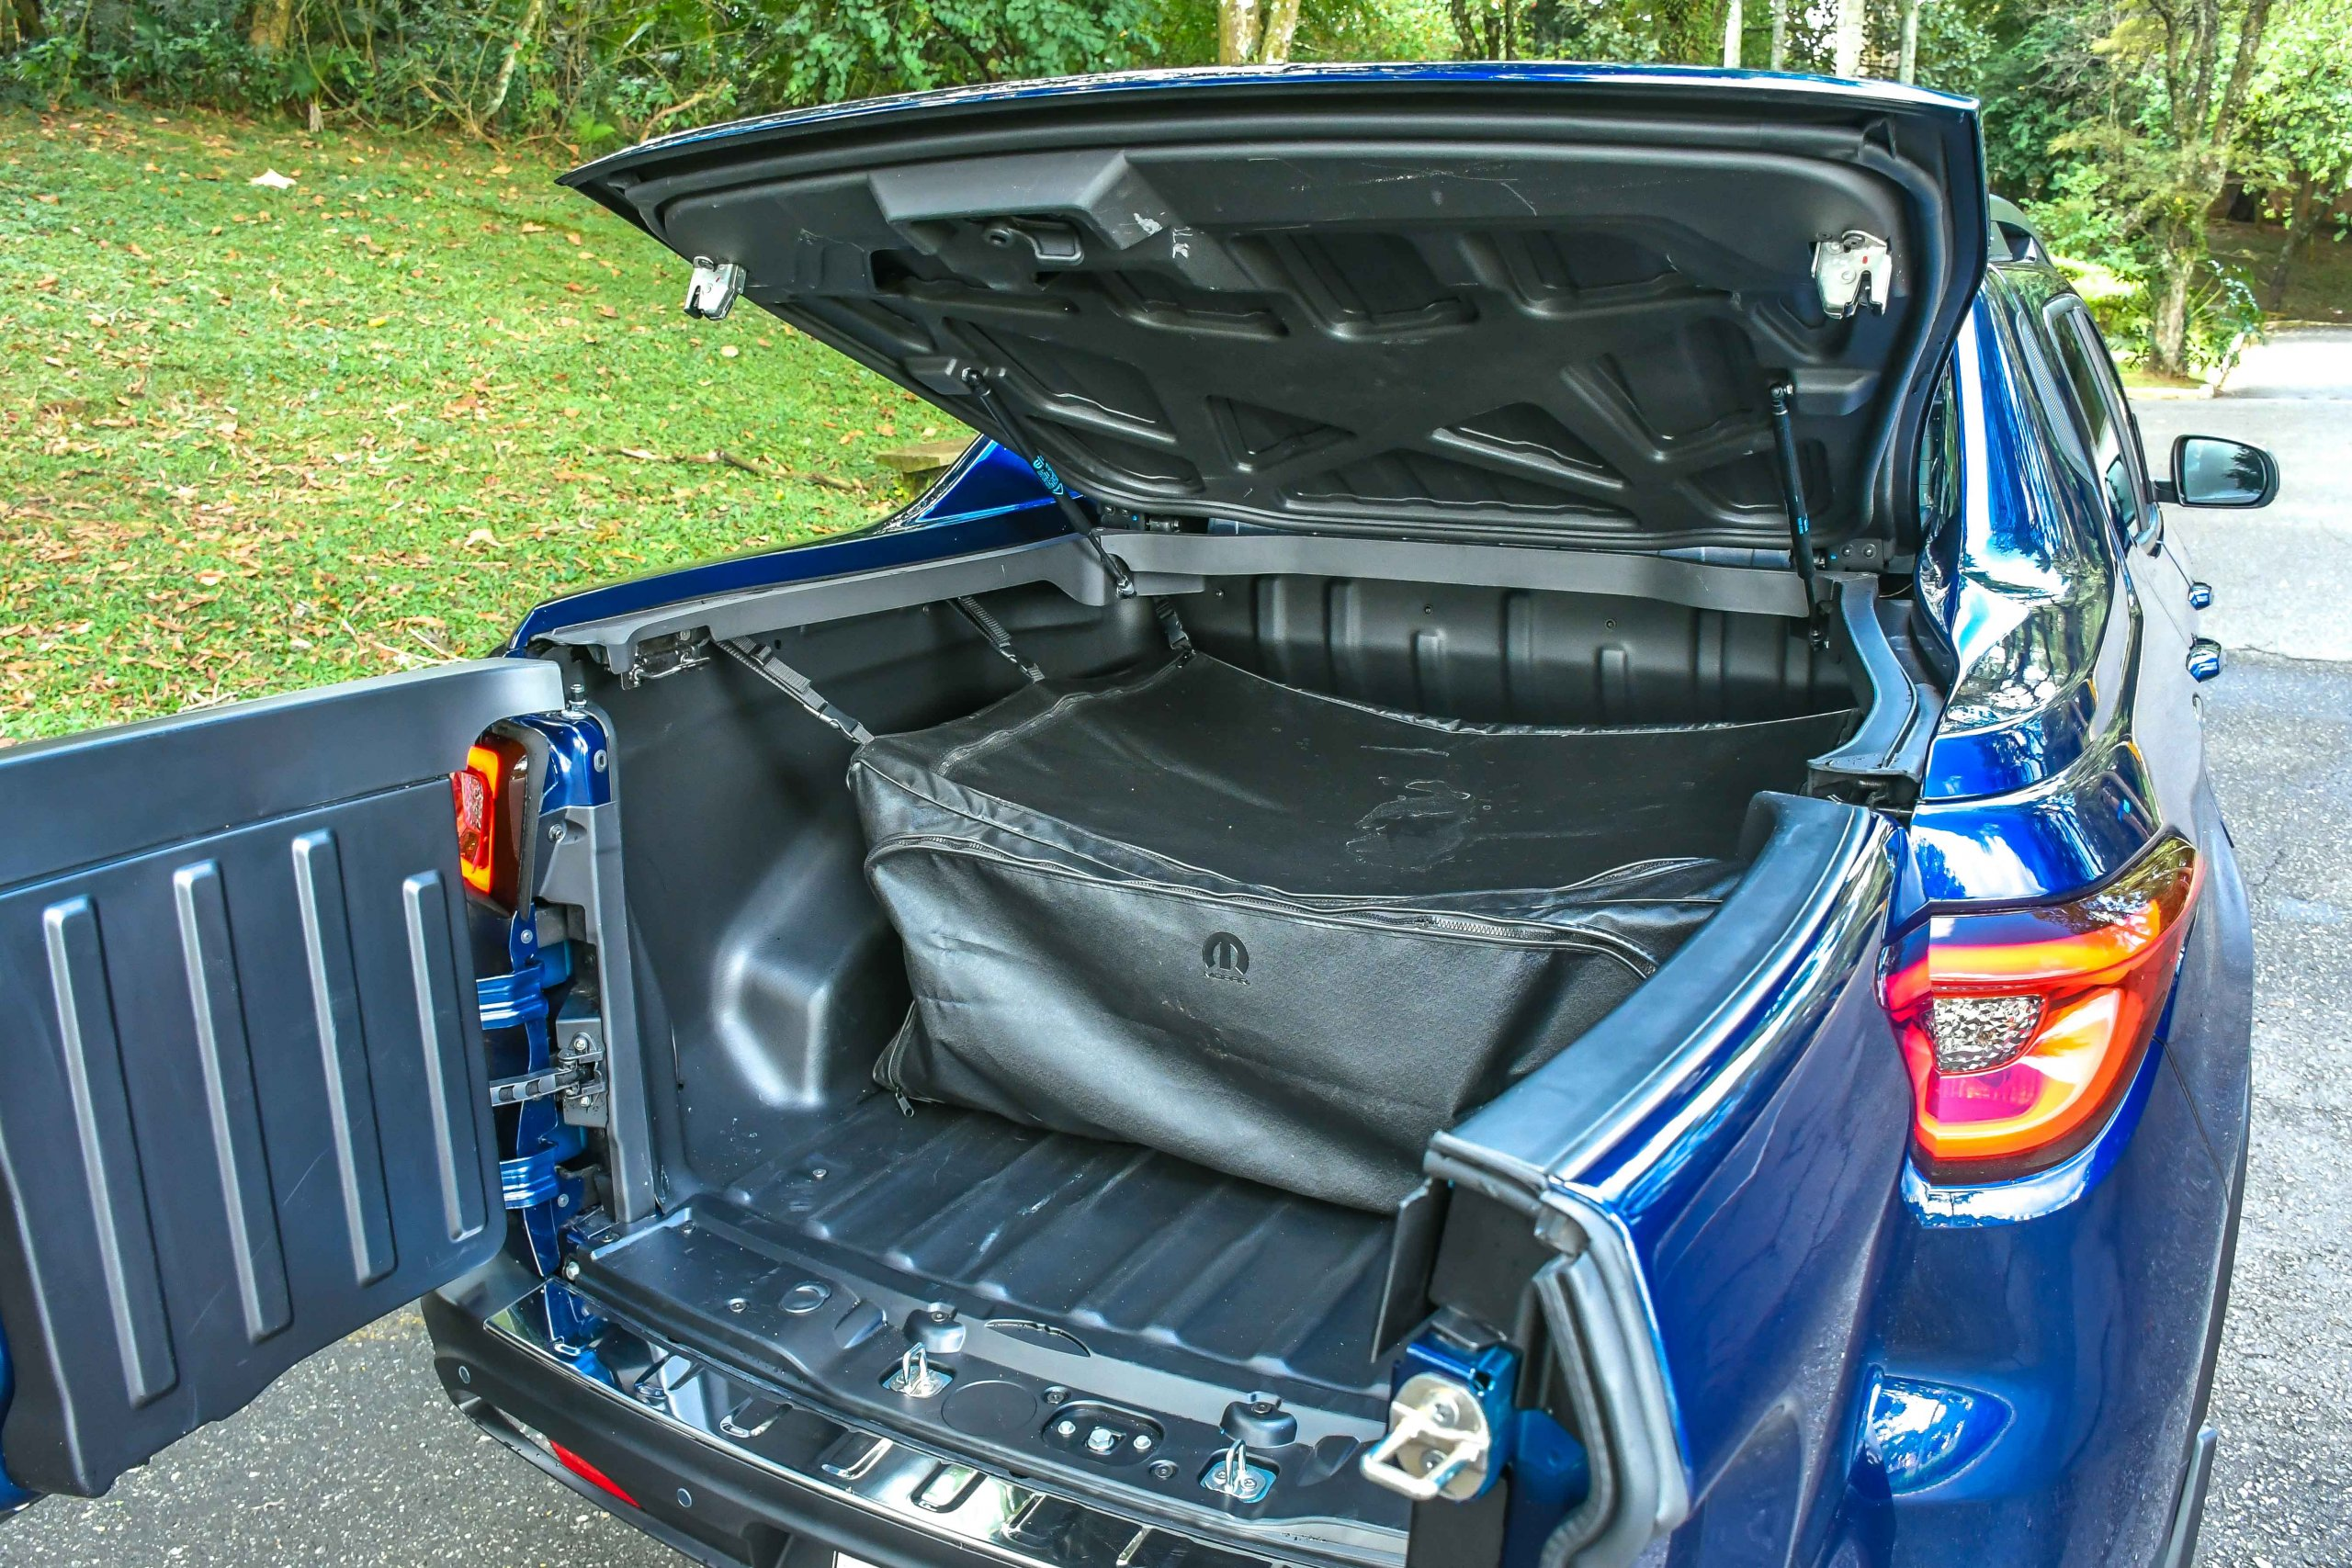 Fiat Toro Ultra 4x4 Diesel 8528